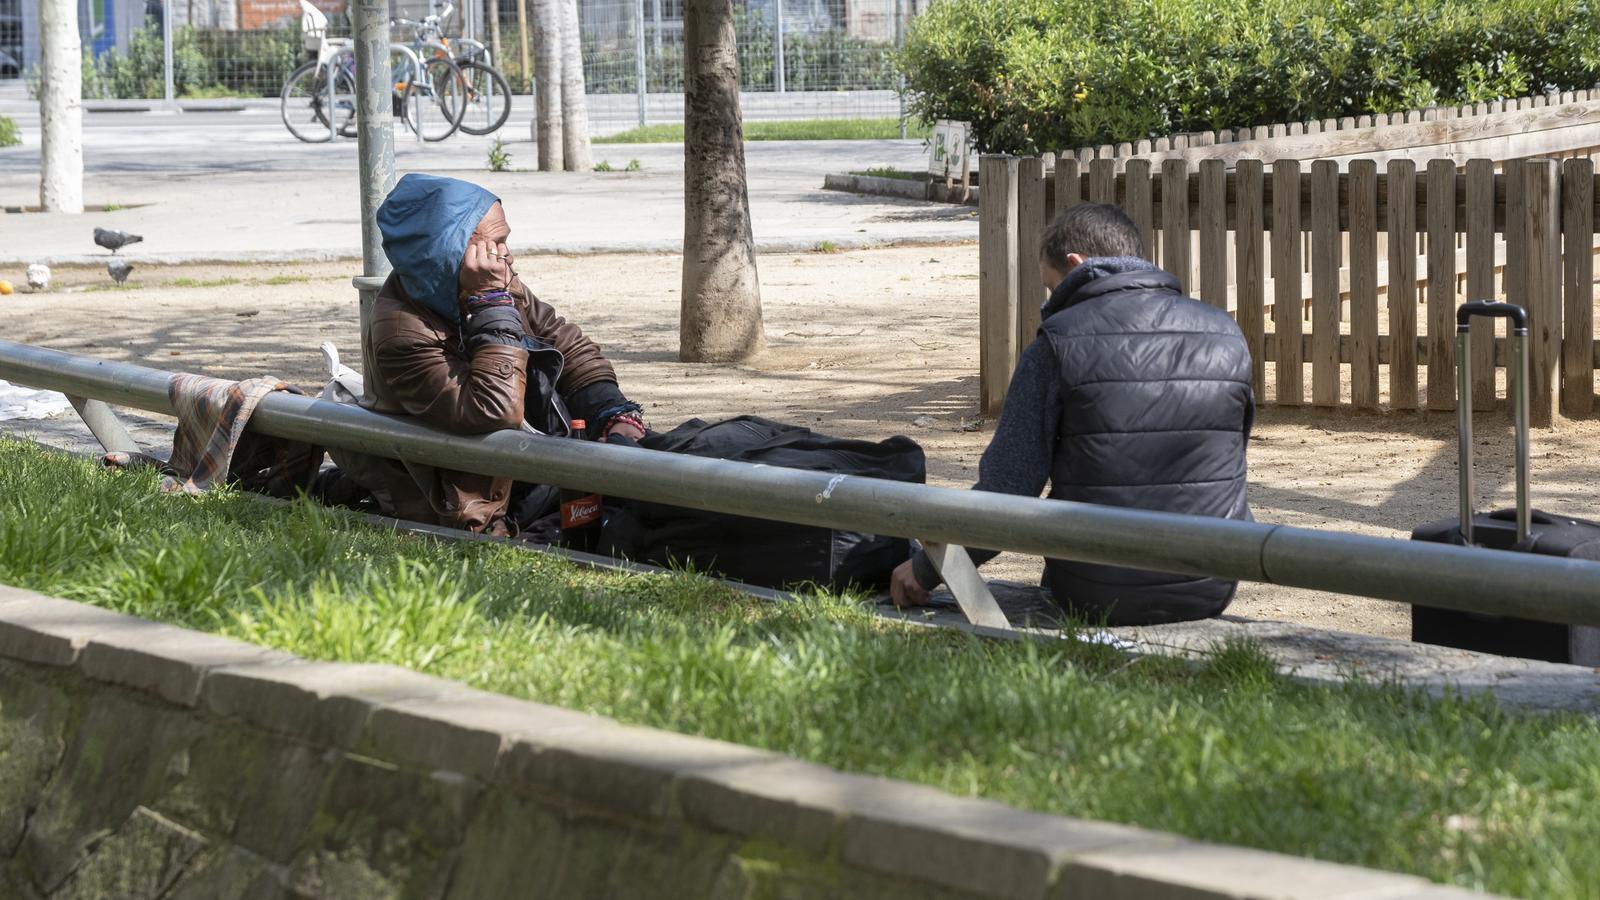 Arrels ja ha comptabilitzat més d'una desena de denúncies a persones sense llar per no estar confinades